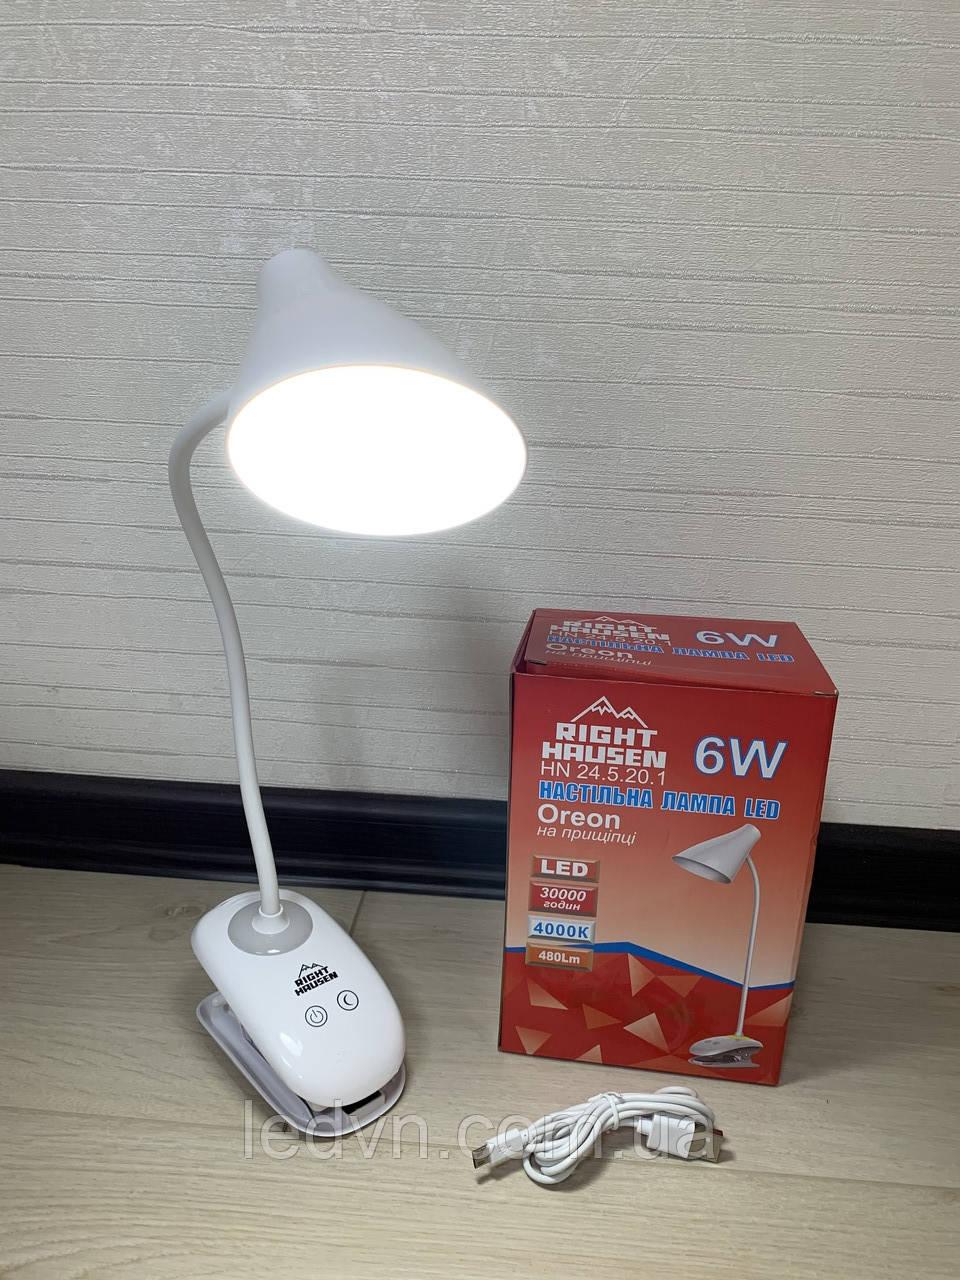 LED лампа на прищіпці 6W сенсорна, вбудований акумулятор біла